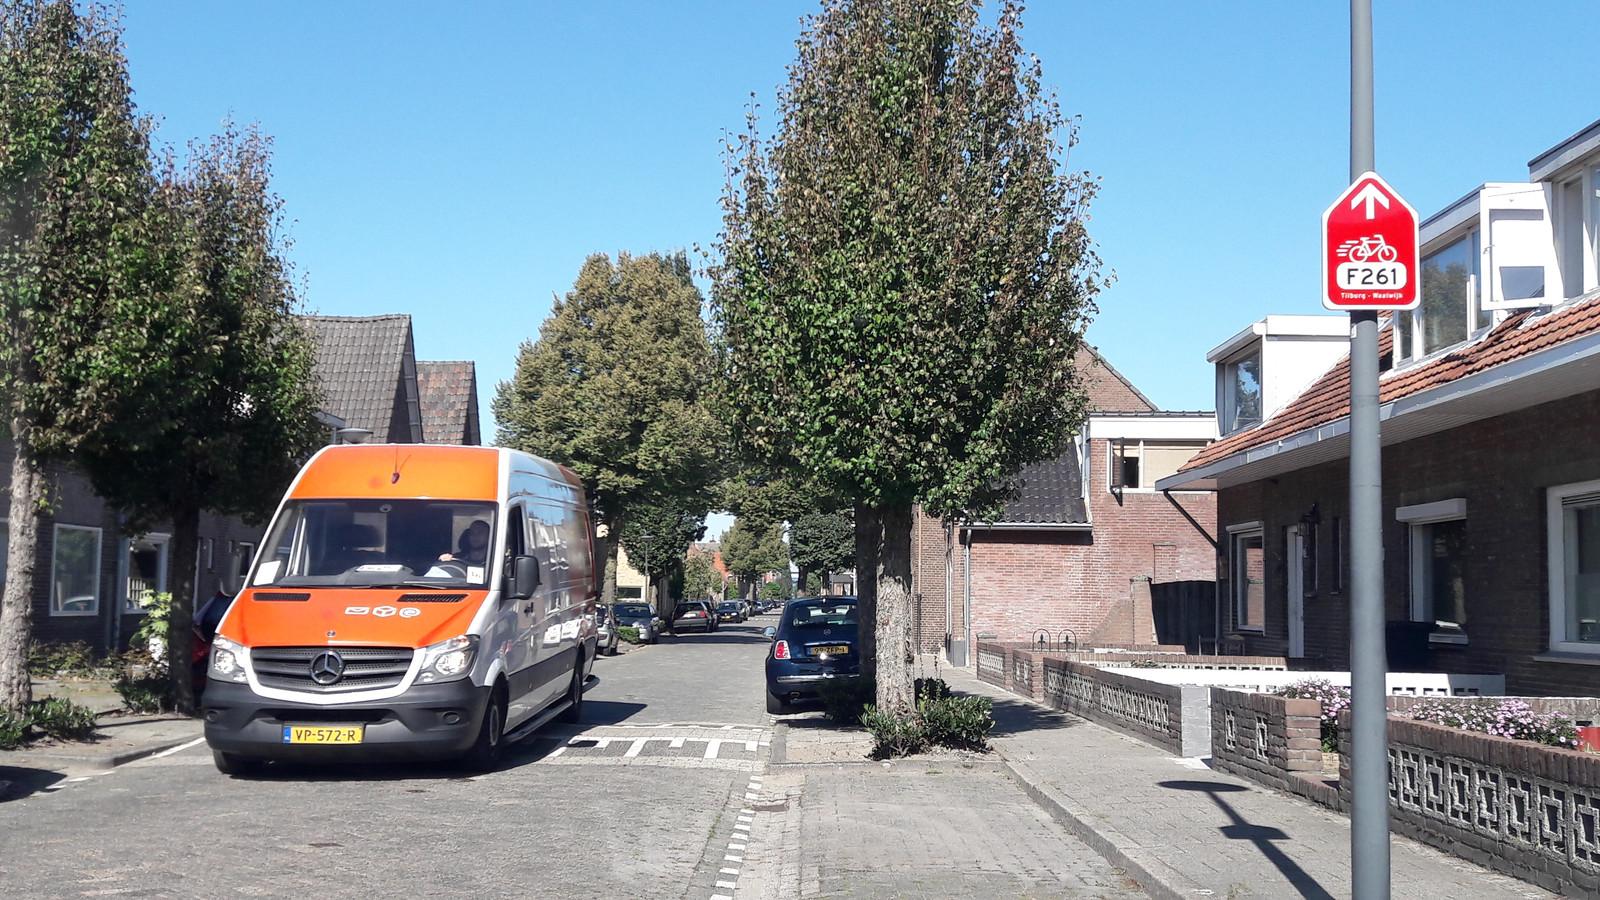 Waalwijk zet niet meer in op een snelfietsroute door de Besoyensestraat. De weerstand tegen dat plan was groot.